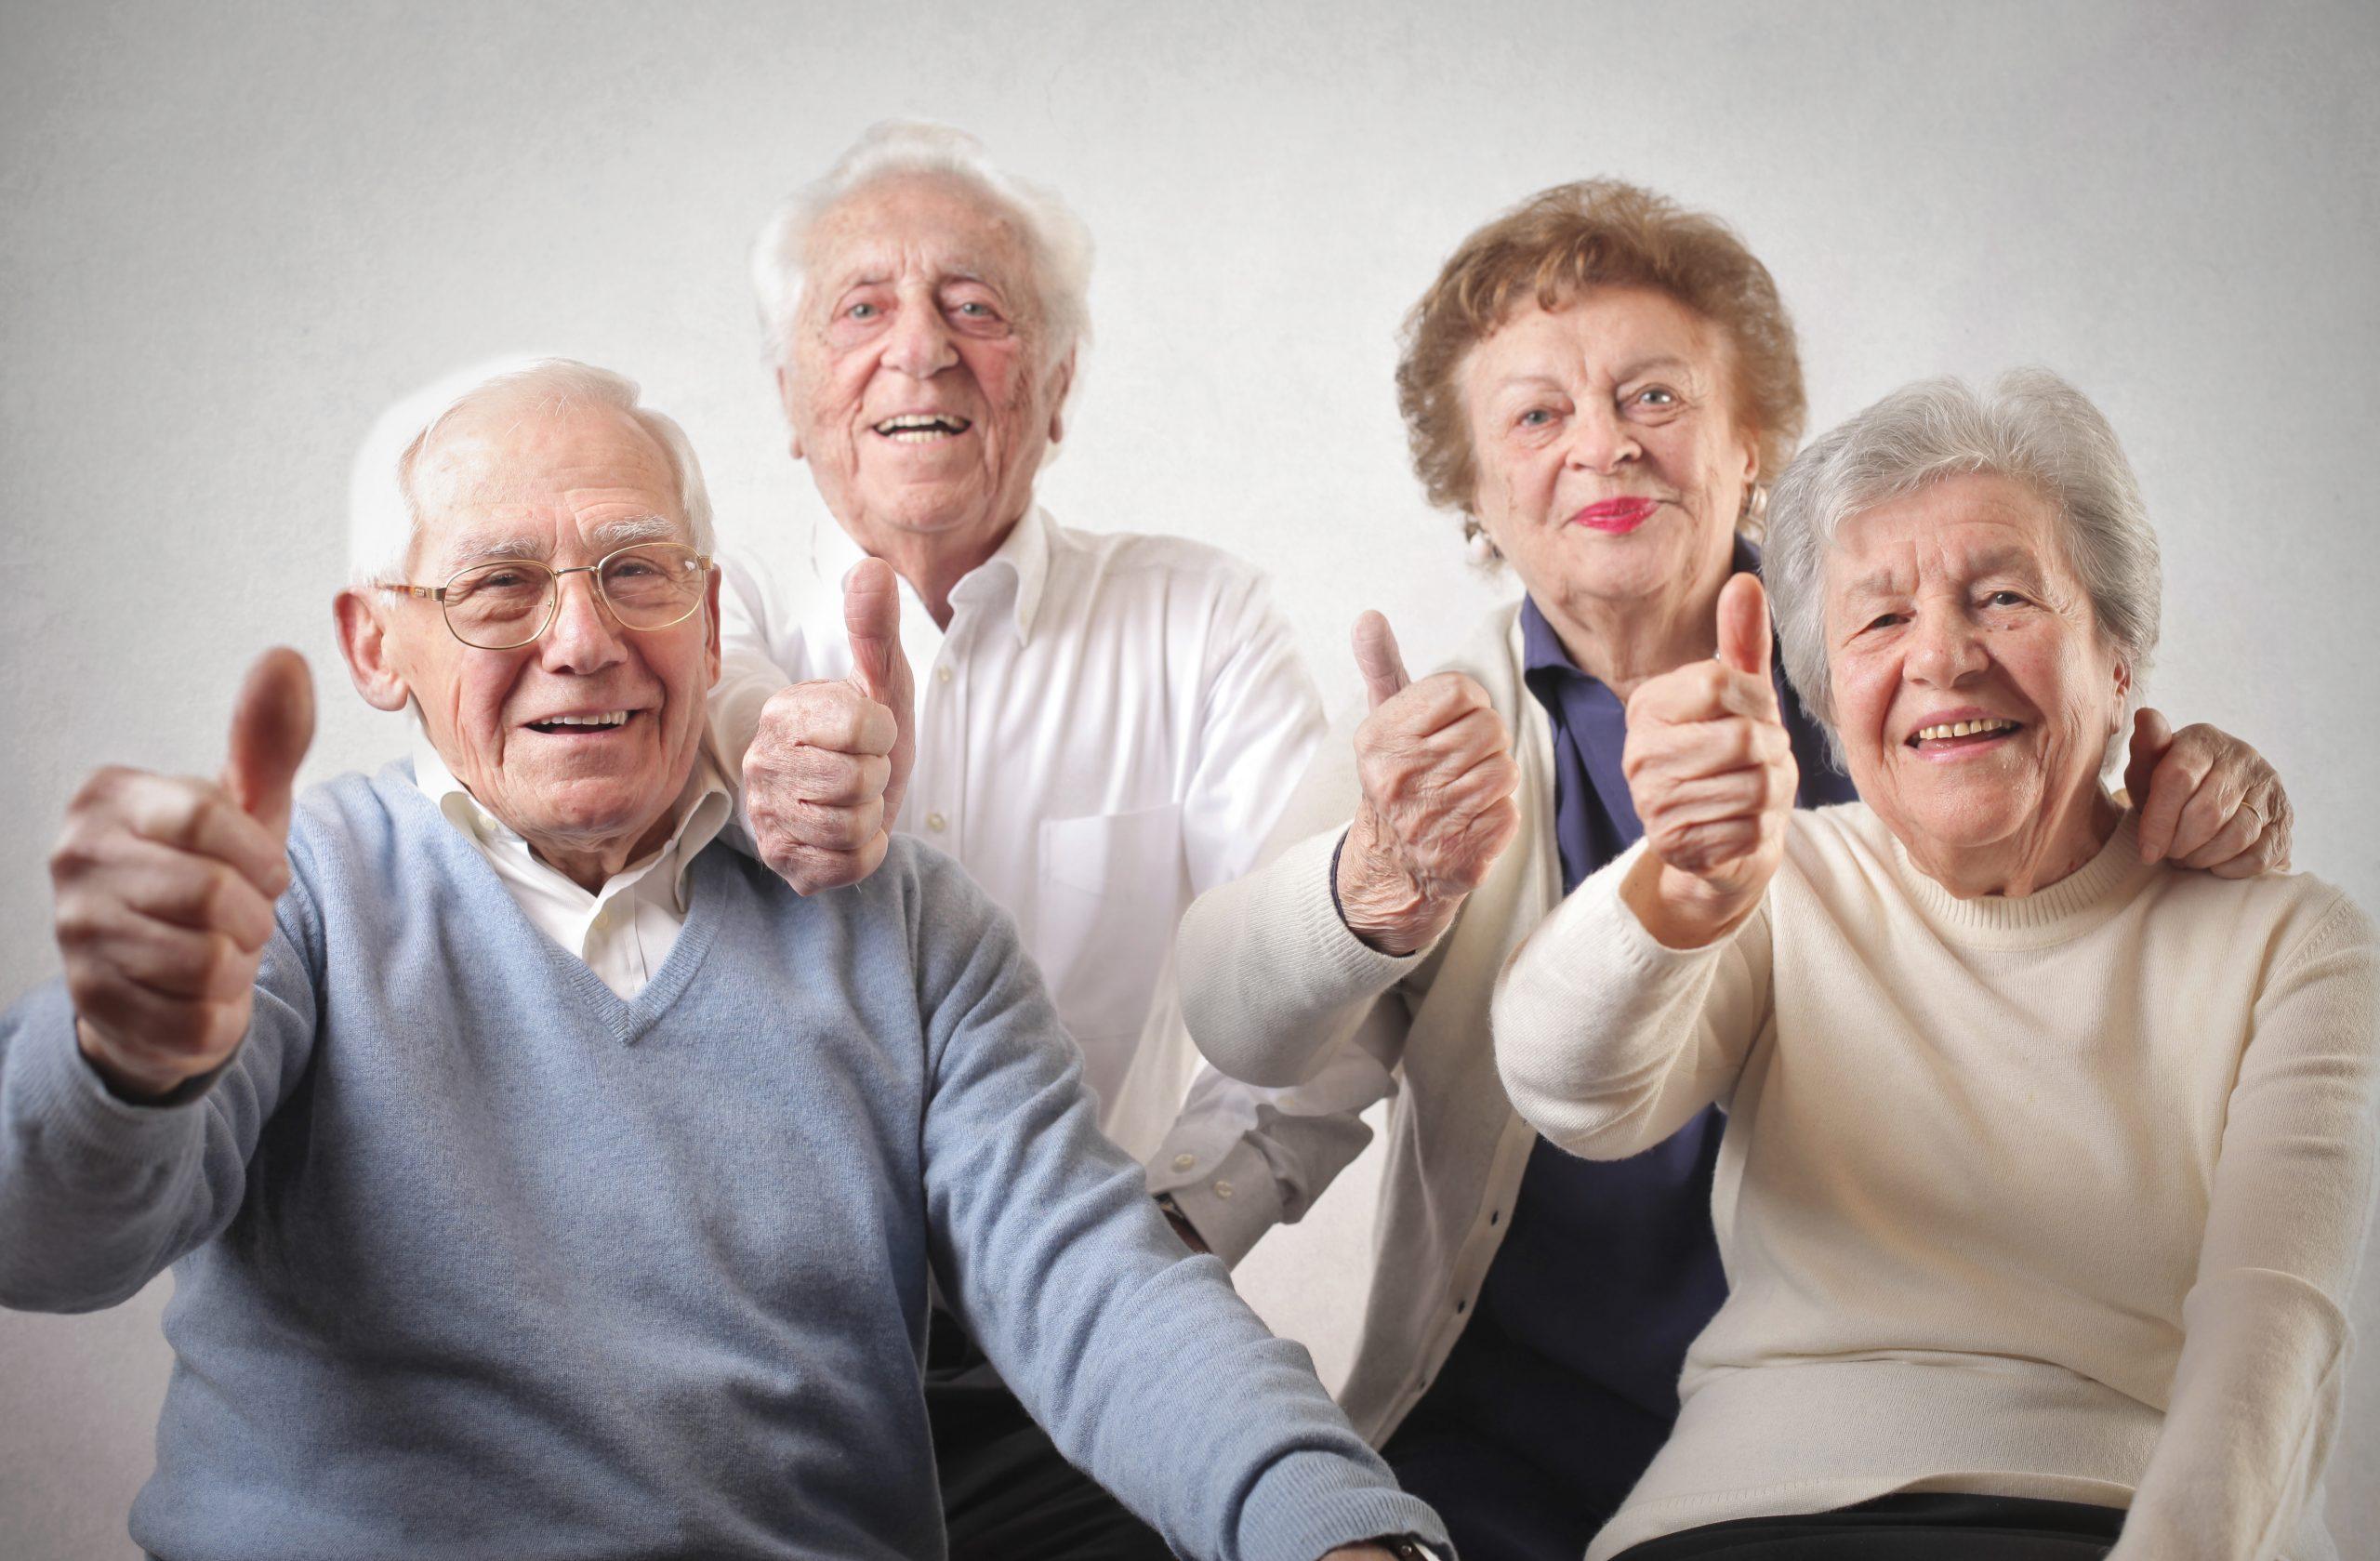 Personas mayores y seguridad del paciente por J. Javier Soldevilla Agreda